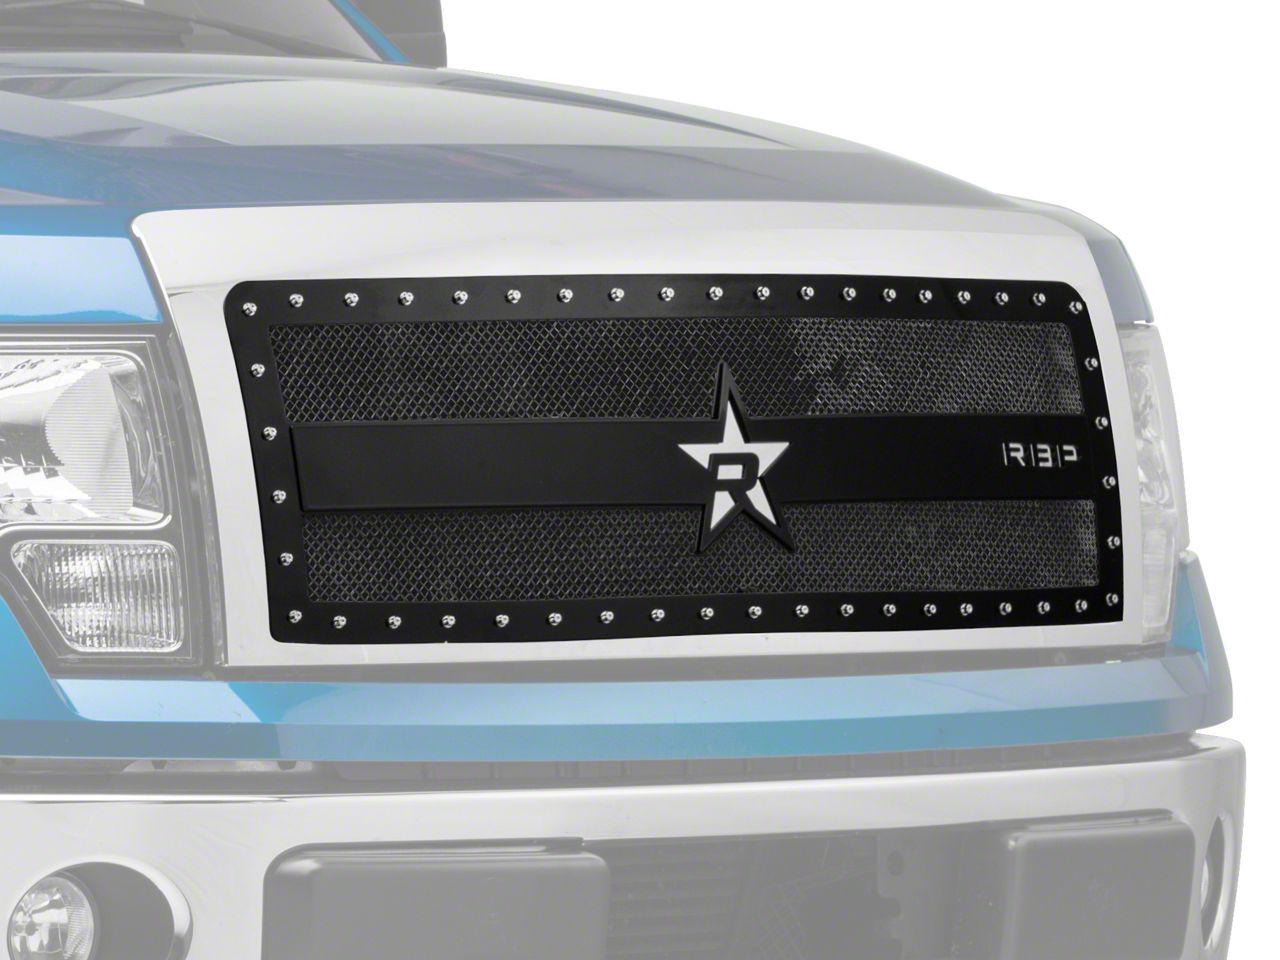 RBP RX-3 Series Studded Frame Upper Grille Insert - Black (09-14 F-150, Excluding Harley Davidson & Raptor)